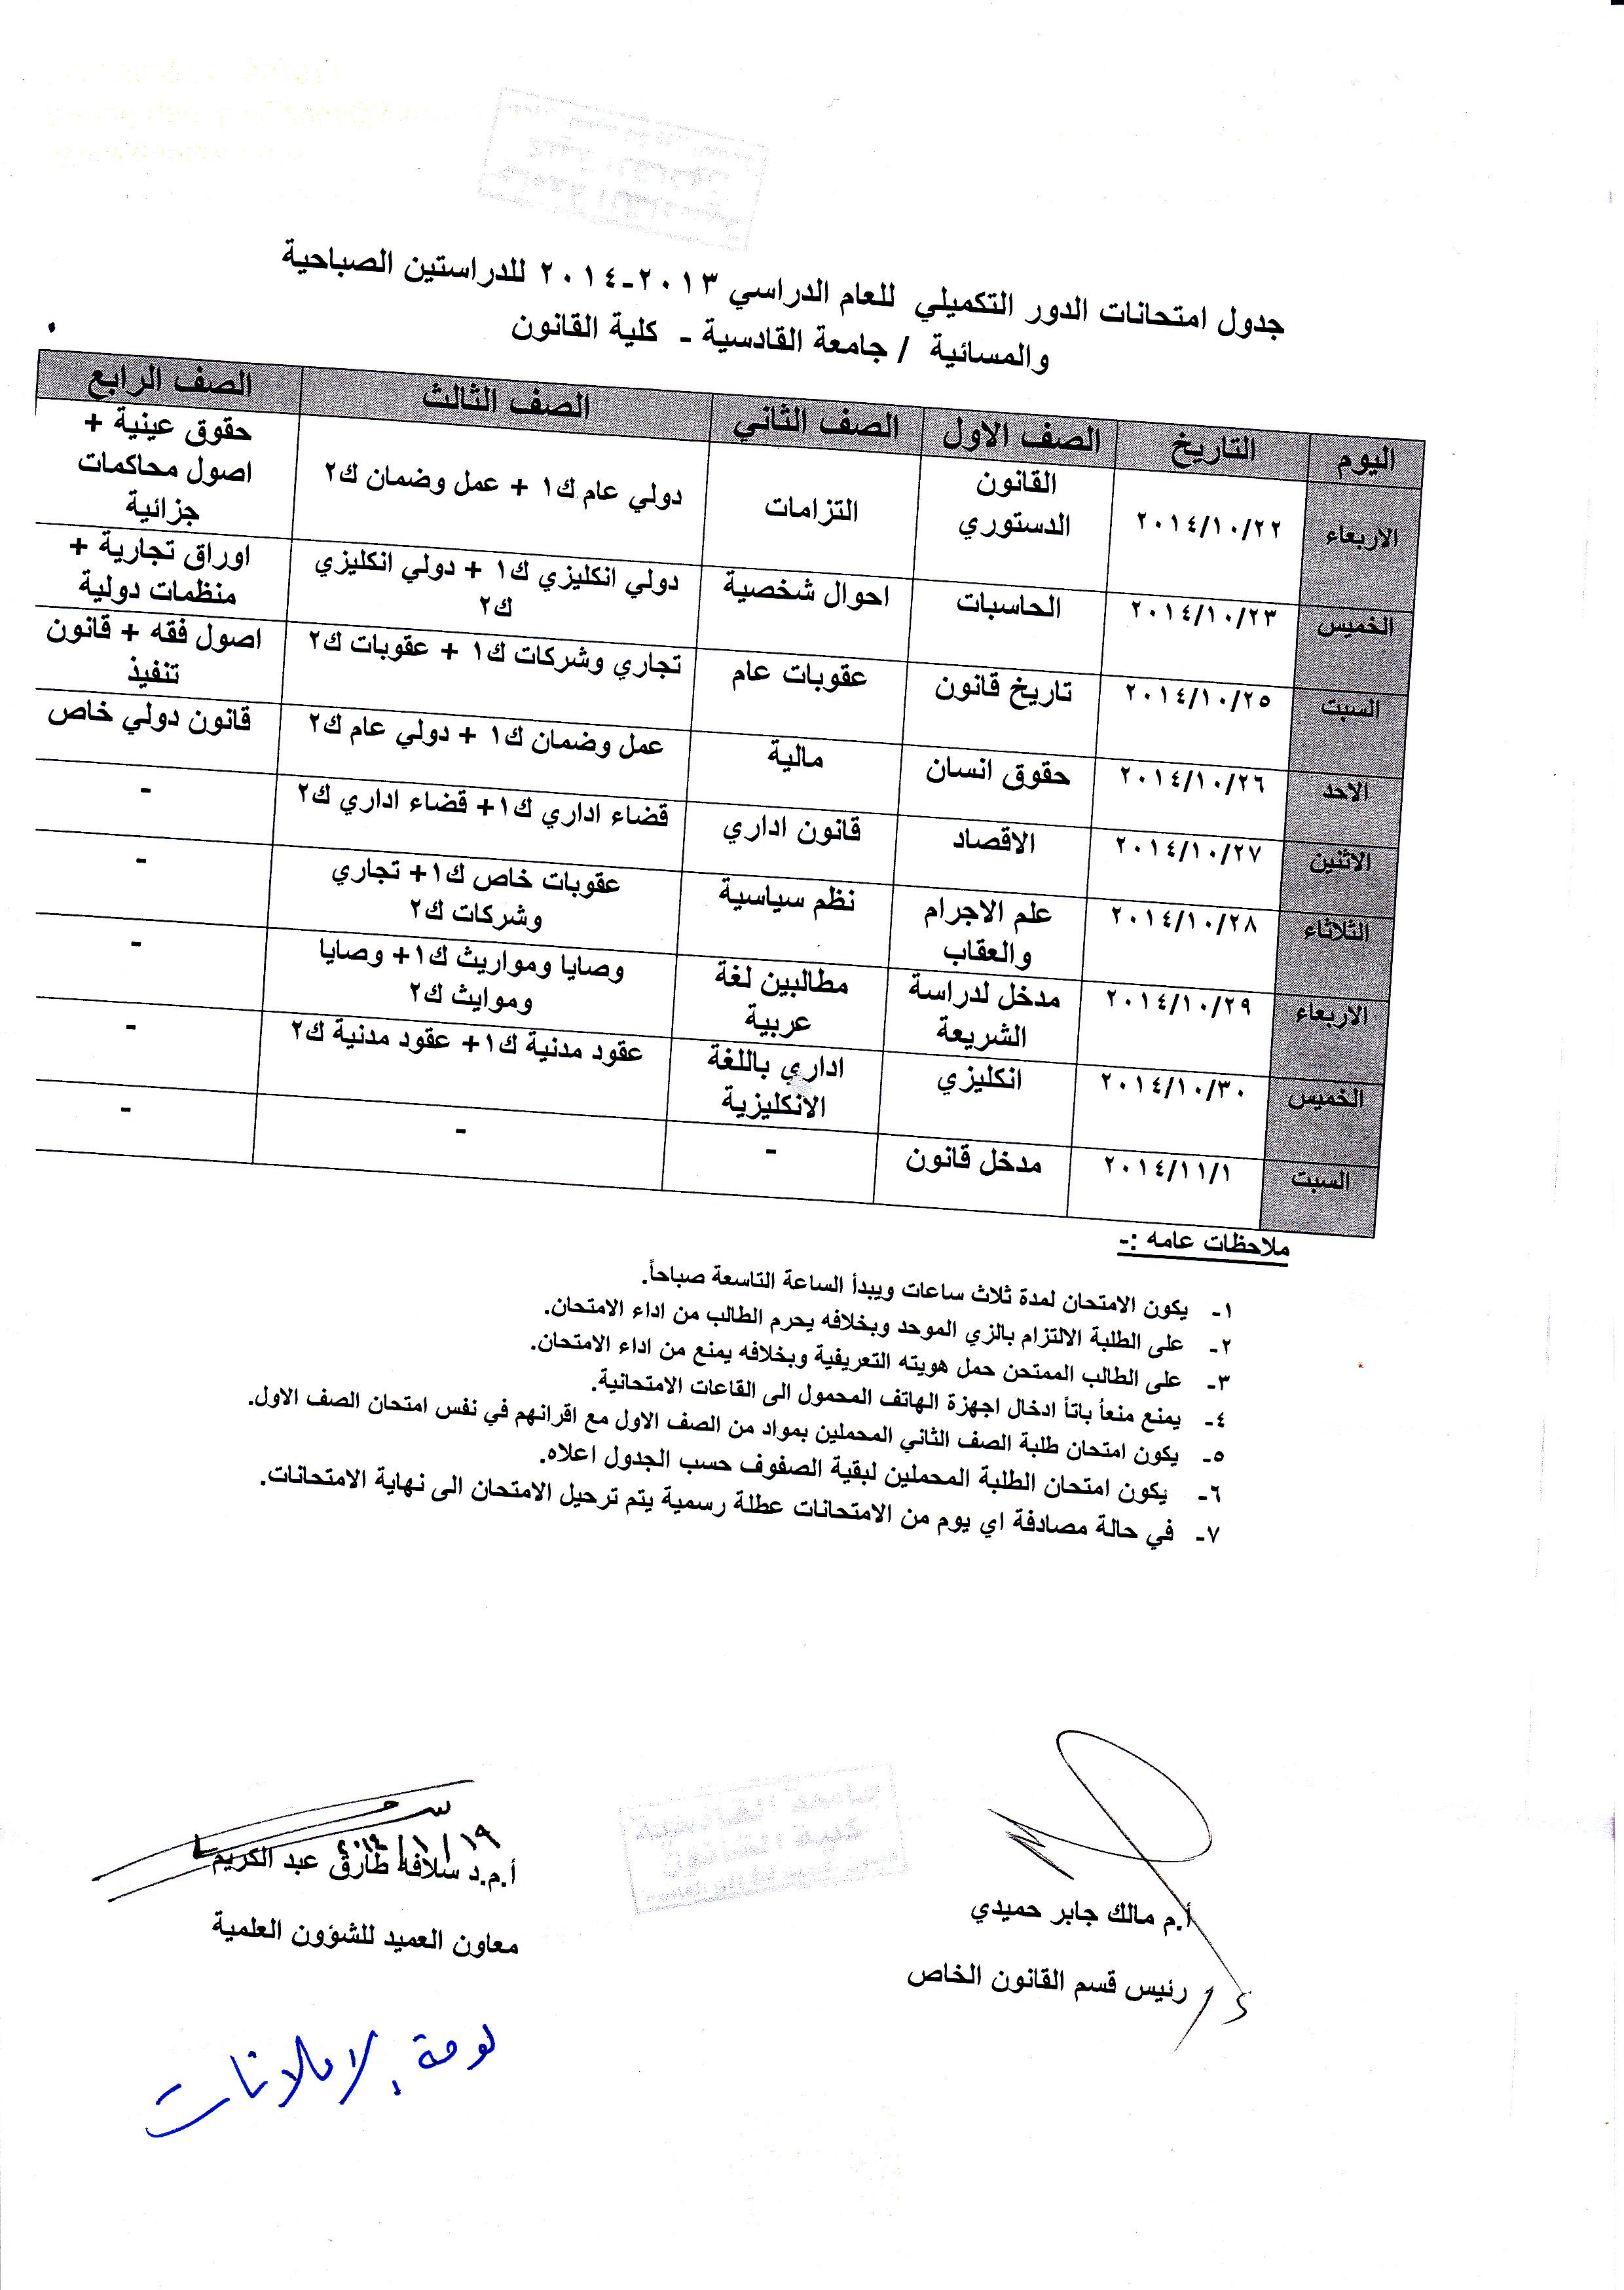 جدول امتحانات الدور التكميلي للعام الدراسي 2014/2013 للدراستين الصباحية والمسائية